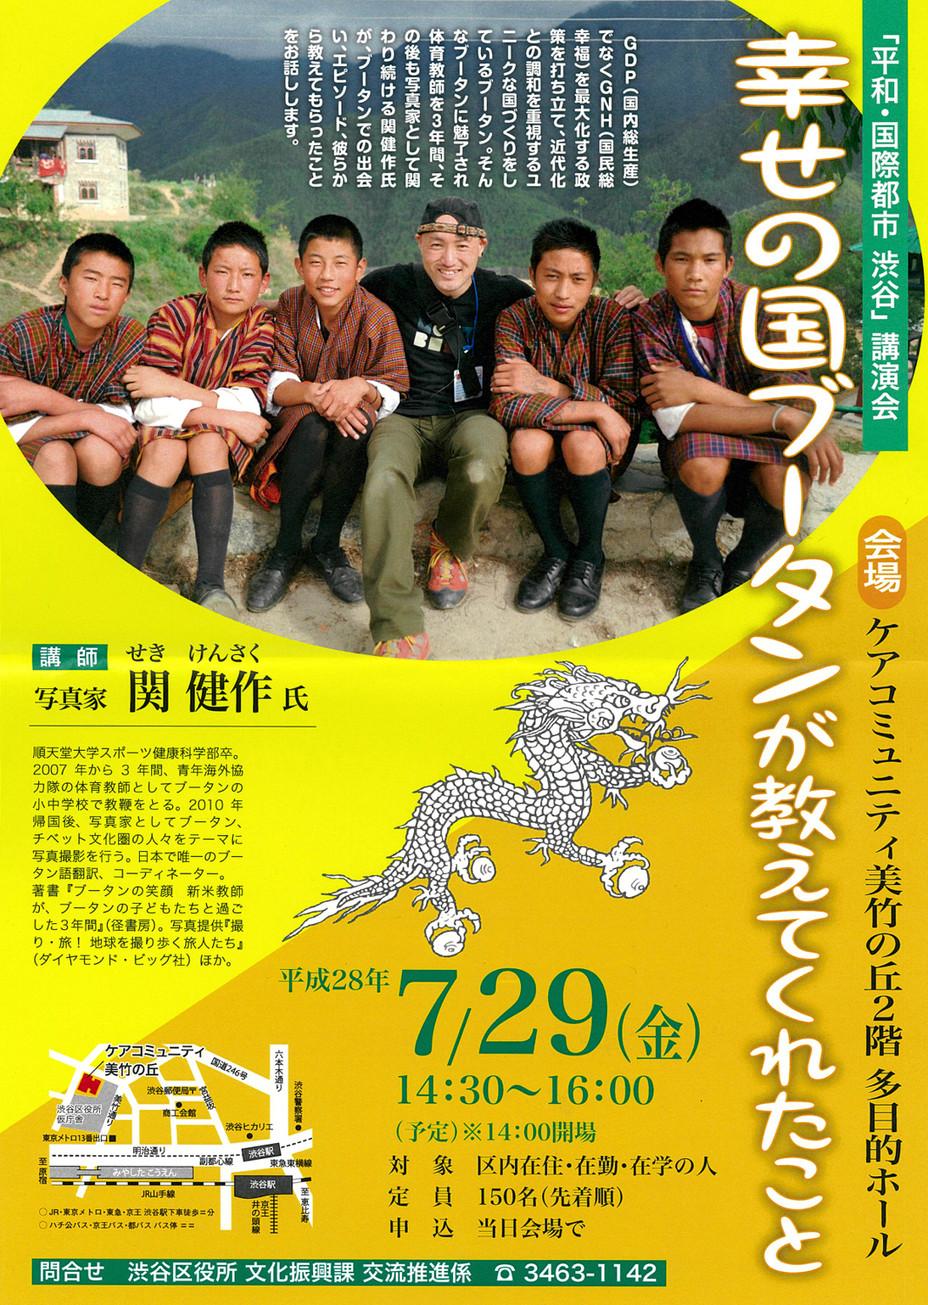 国際都市渋谷で講演会をさせていただきます!